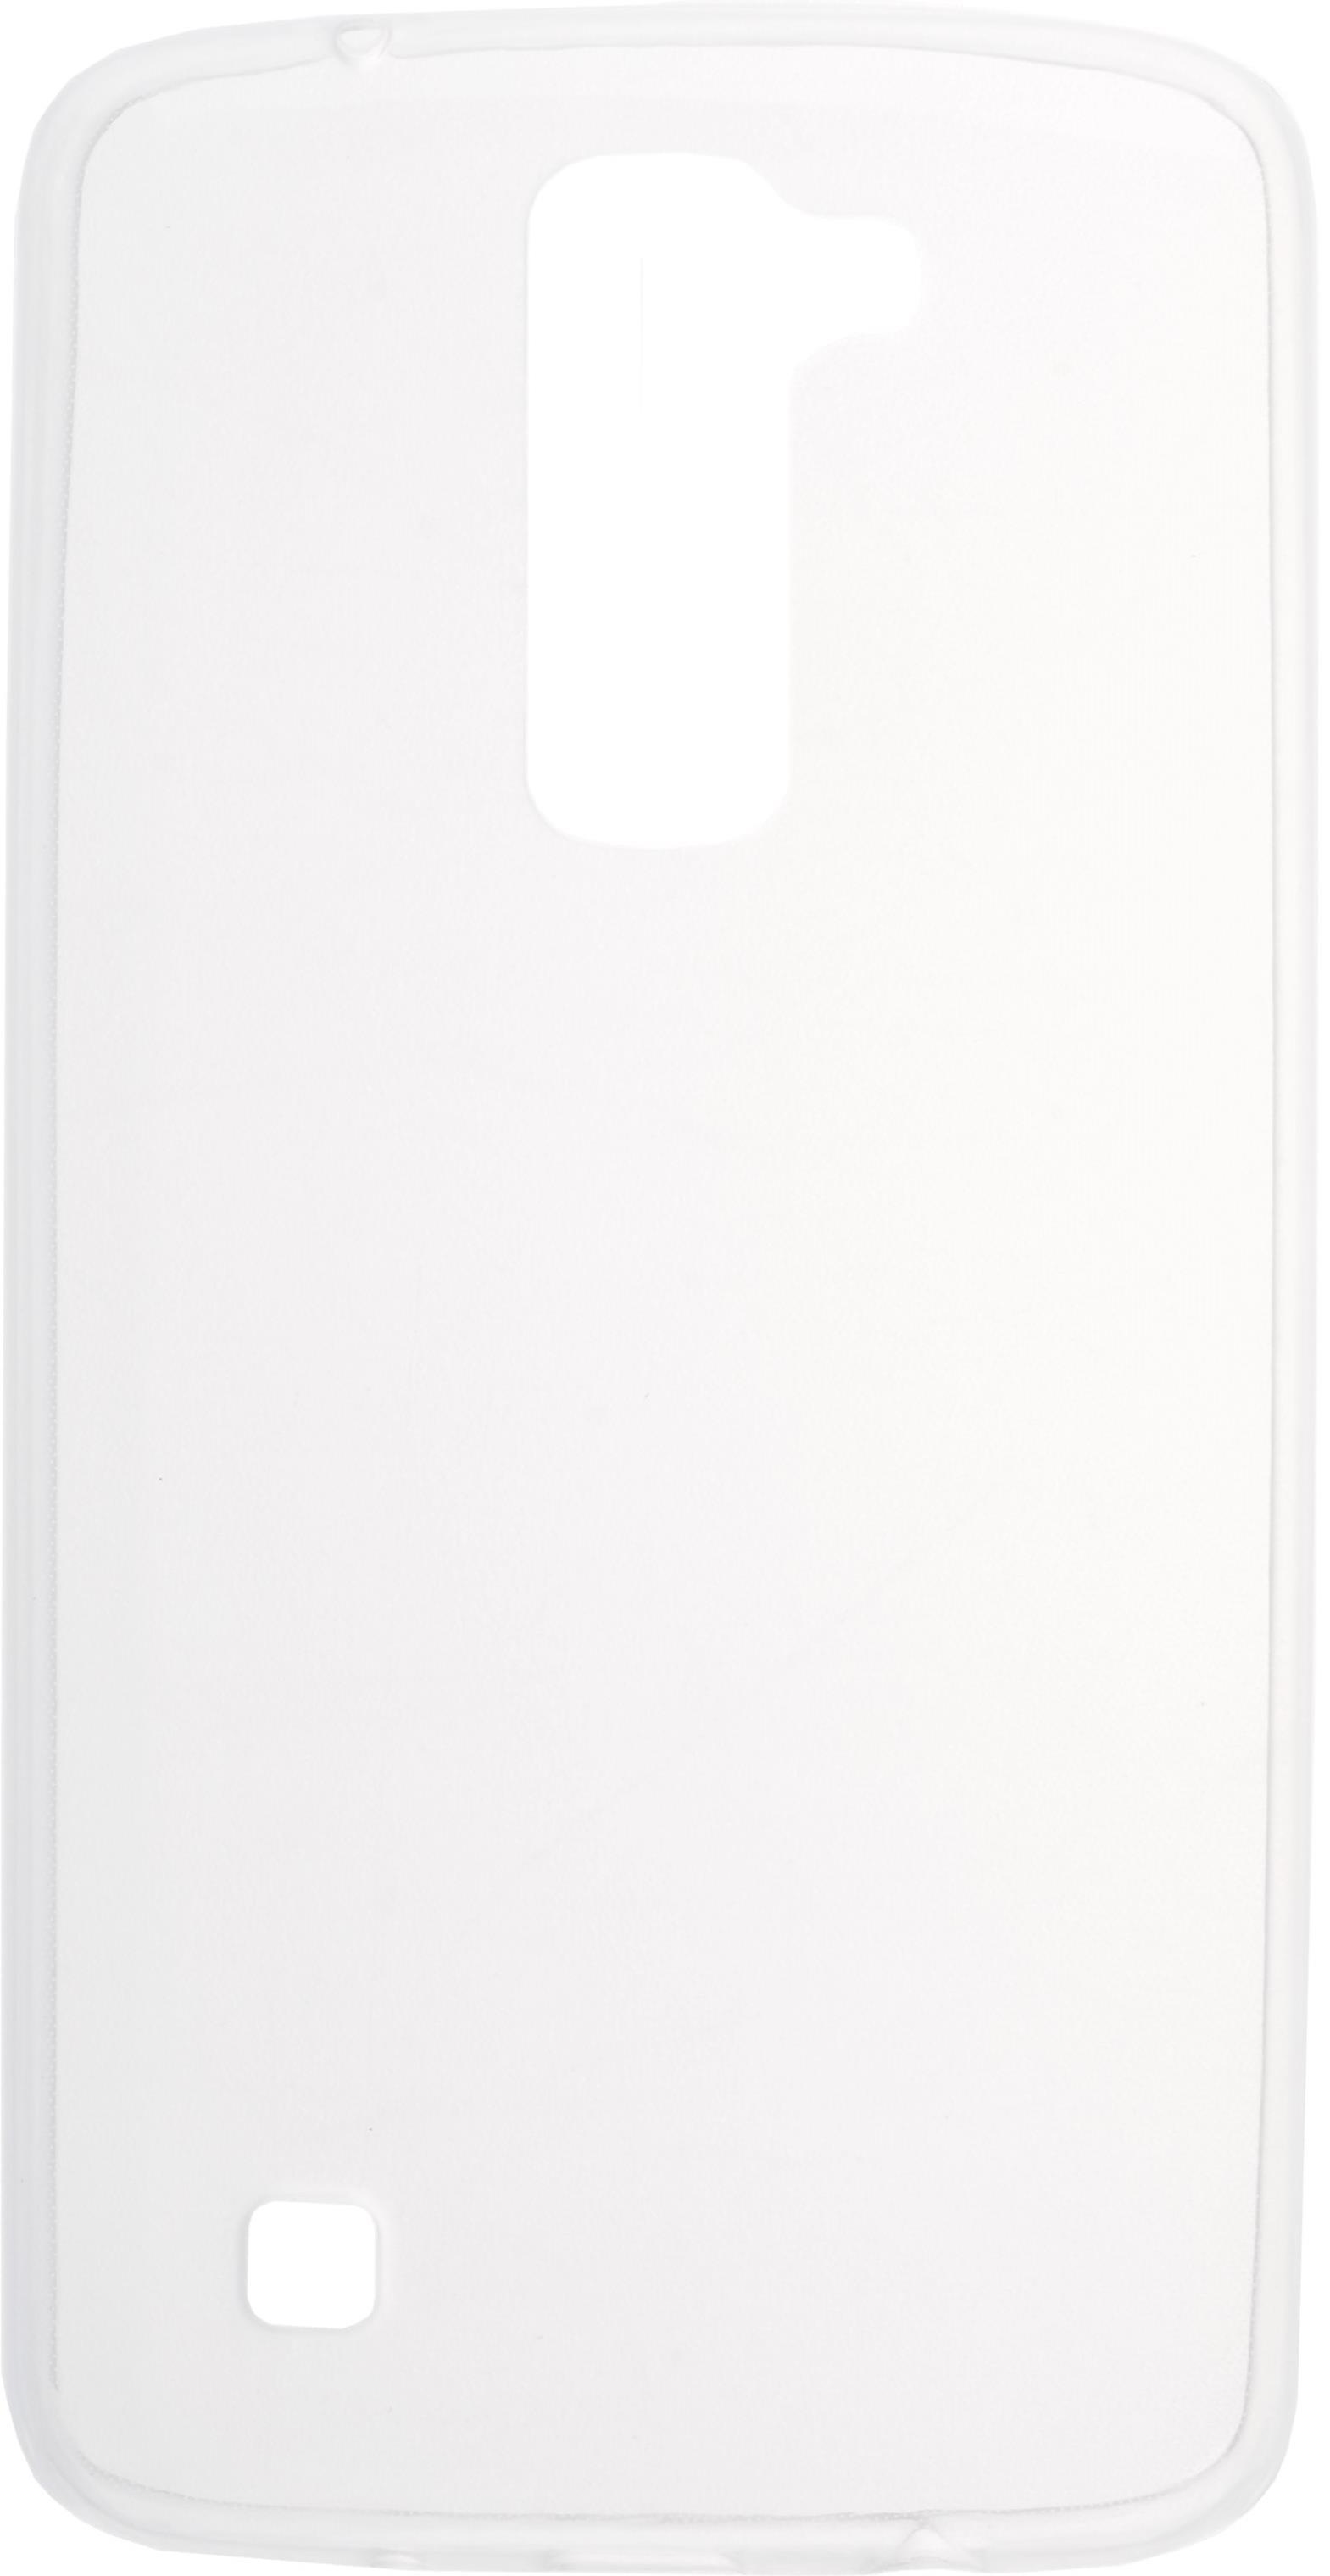 Чехол Skinbox slim silicone для LG K7 X210, прозрачный